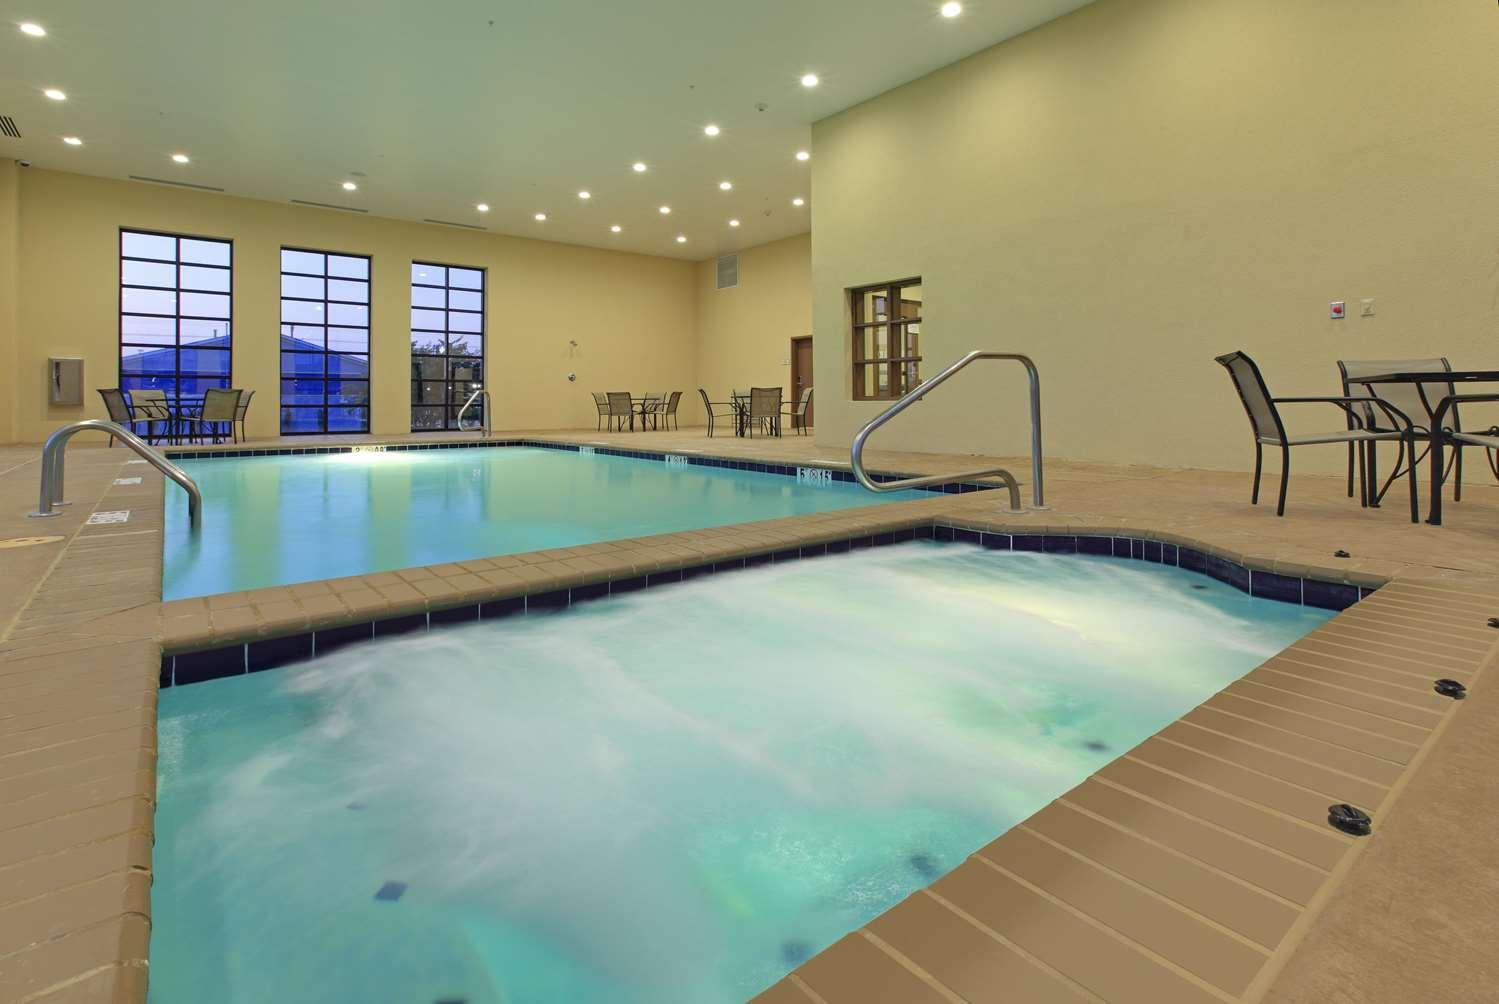 Pool - La Quinta Inn & Suites Wolfchase Memphis